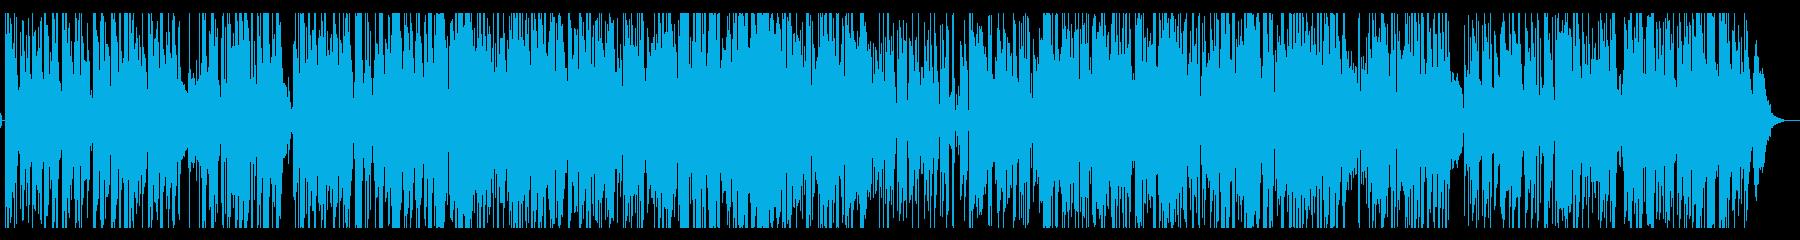 ジャズ・ギターの皇帝 風 スタンダードの再生済みの波形